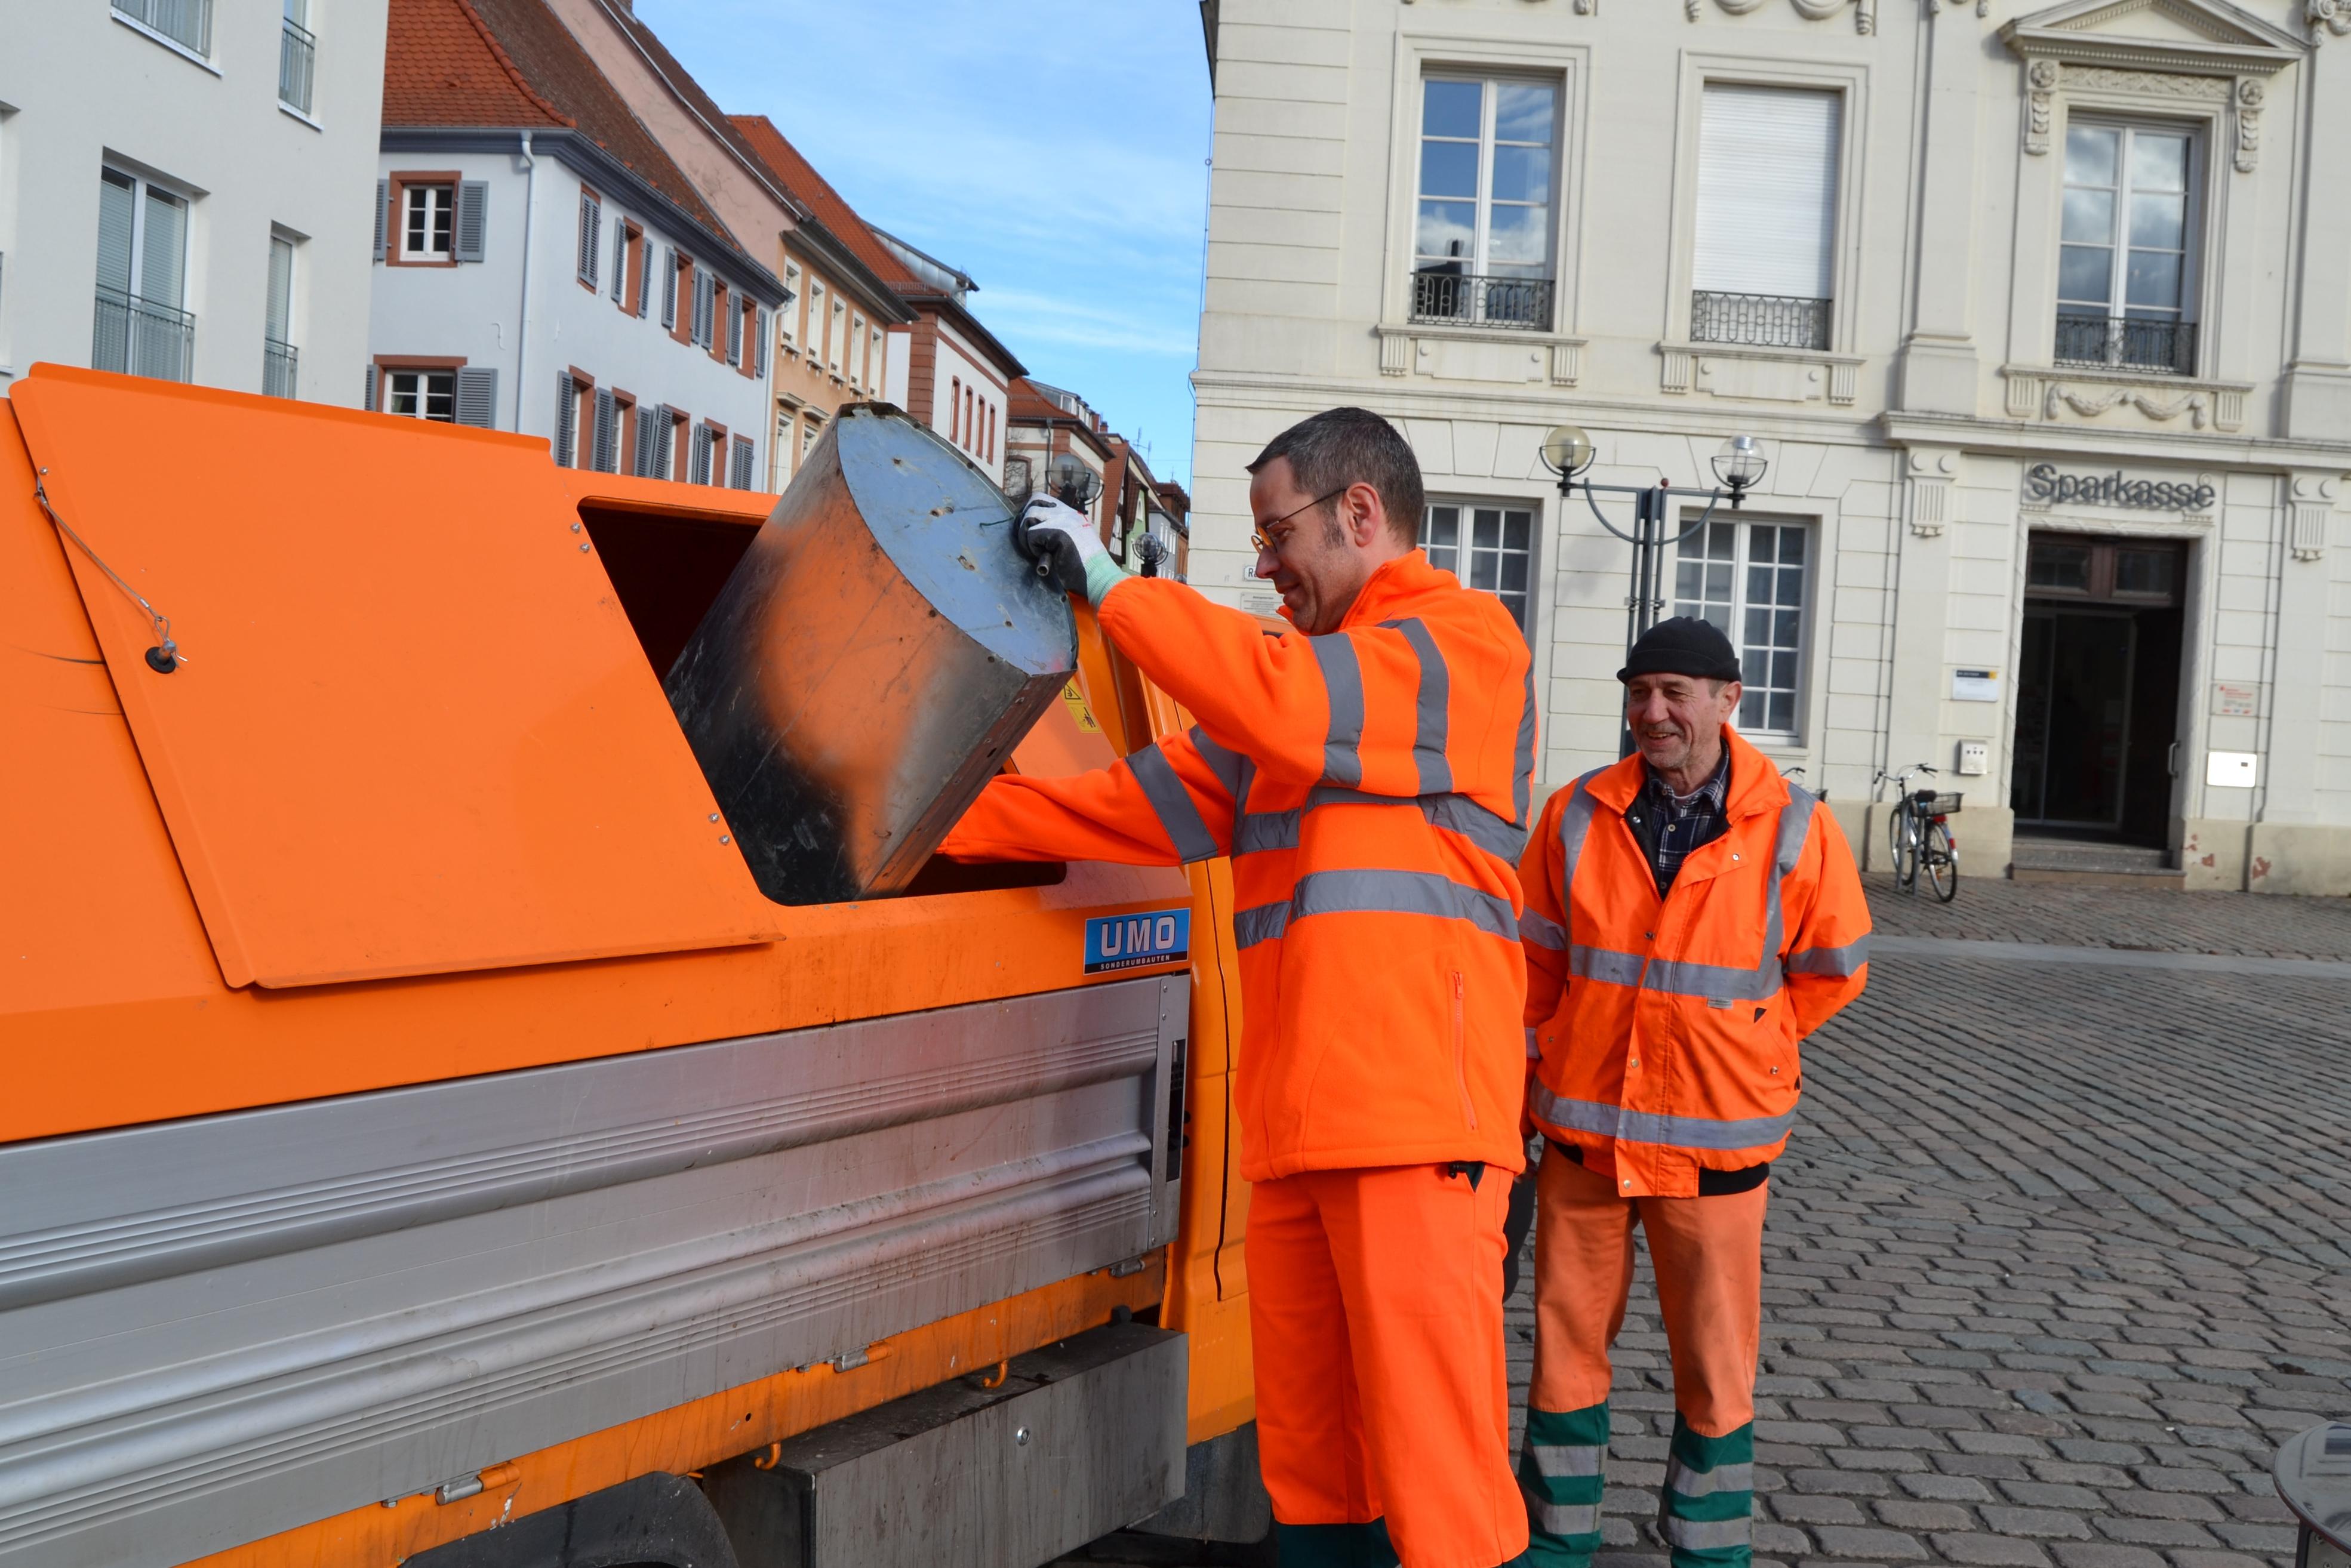 """""""Bürgermeister Dr. Ingenthron und Herr Karlheinz Barry beim tatkräftigen Leeren der Müllbehälter auf dem Rathausplatz"""""""